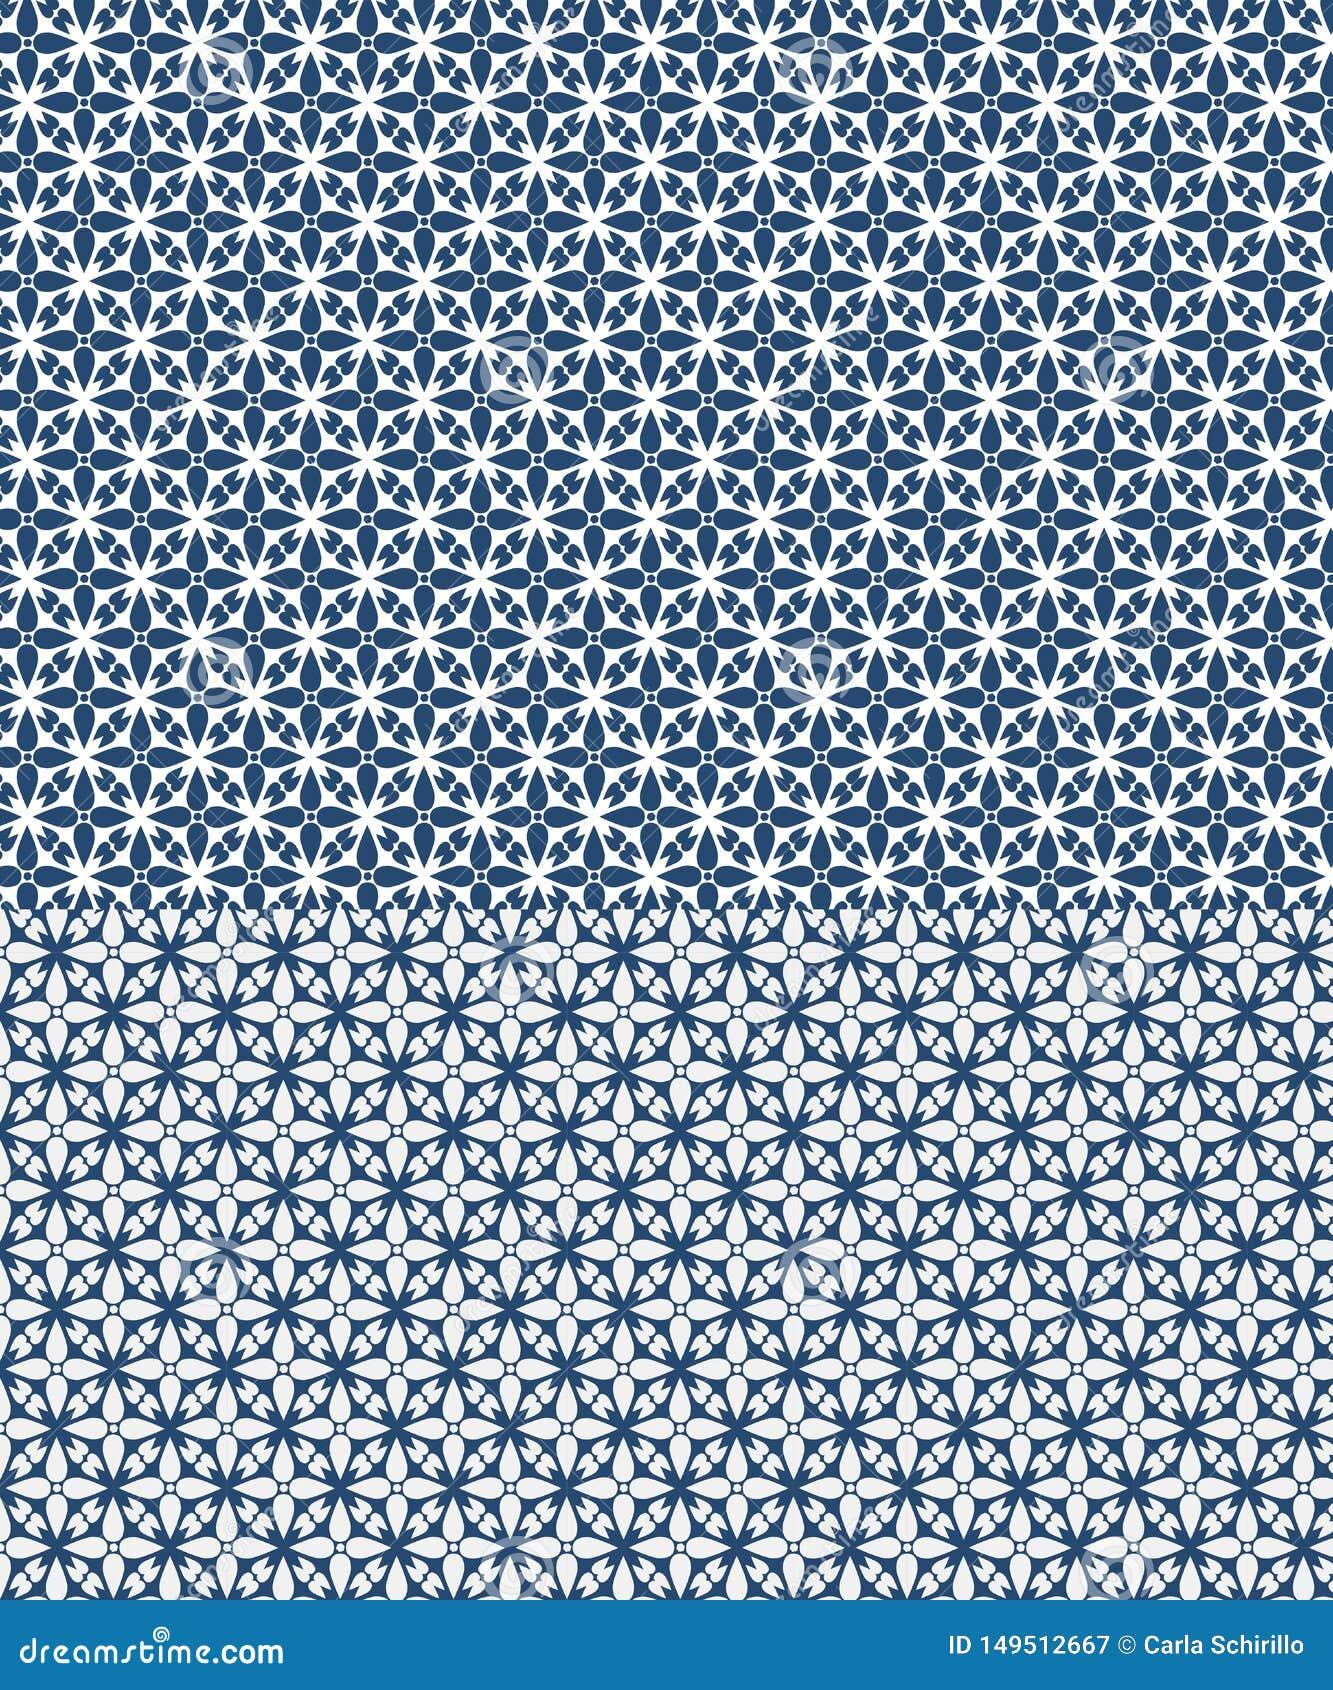 Modello senza cuciture di vettore floreale ispirato dai azulejos